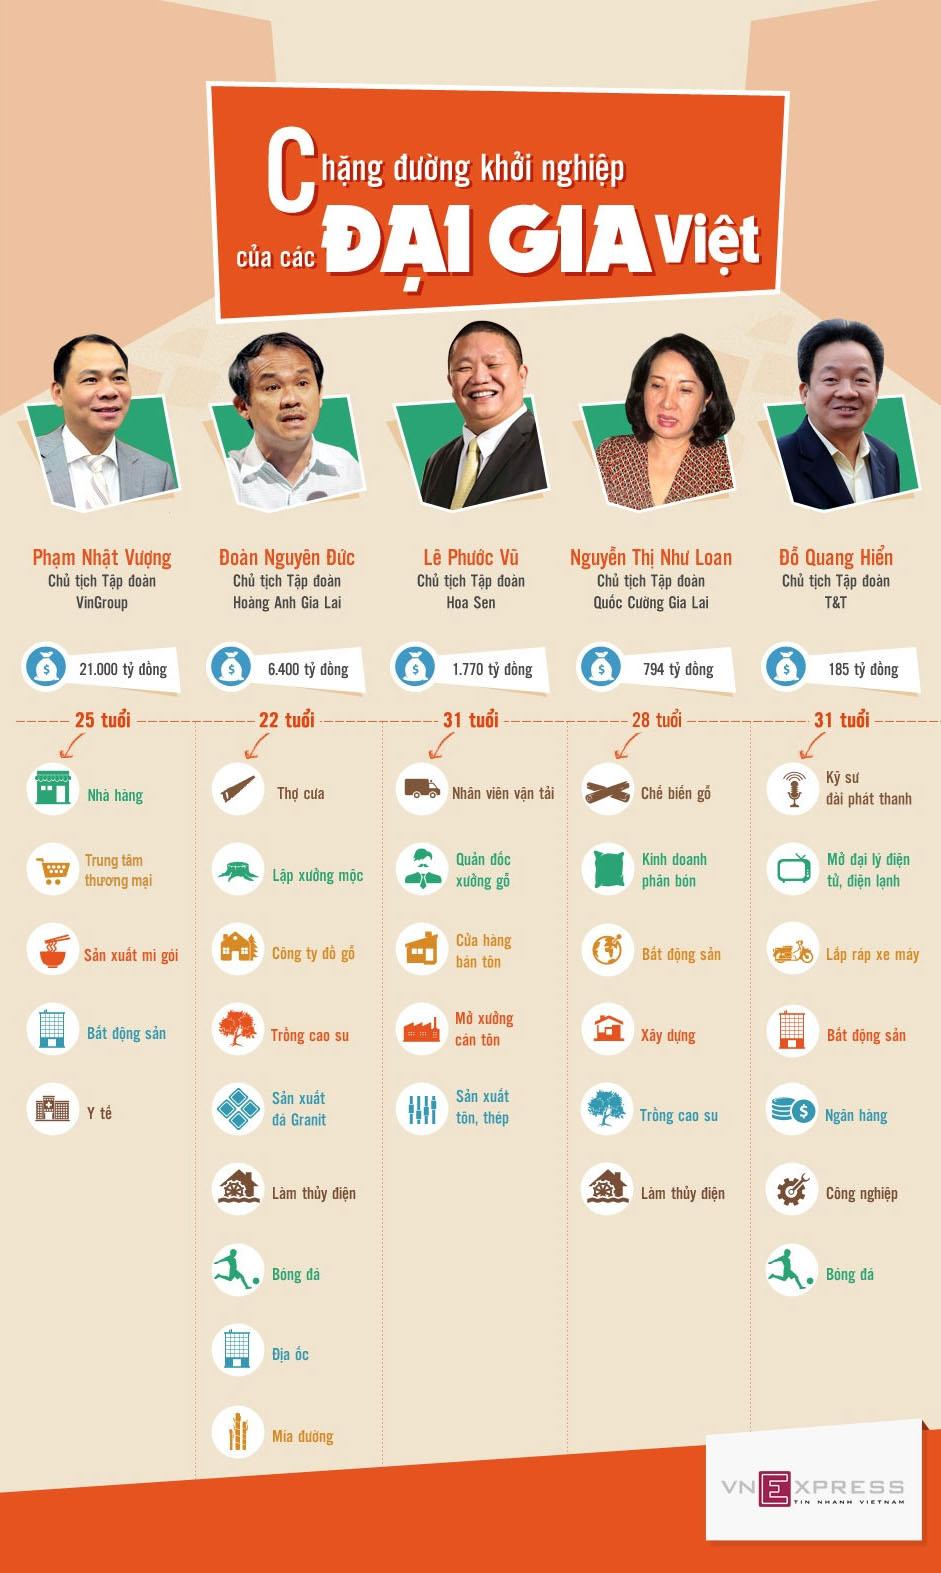 Infographic - Con đường khởi nghiệp của các Đại Gia Việt